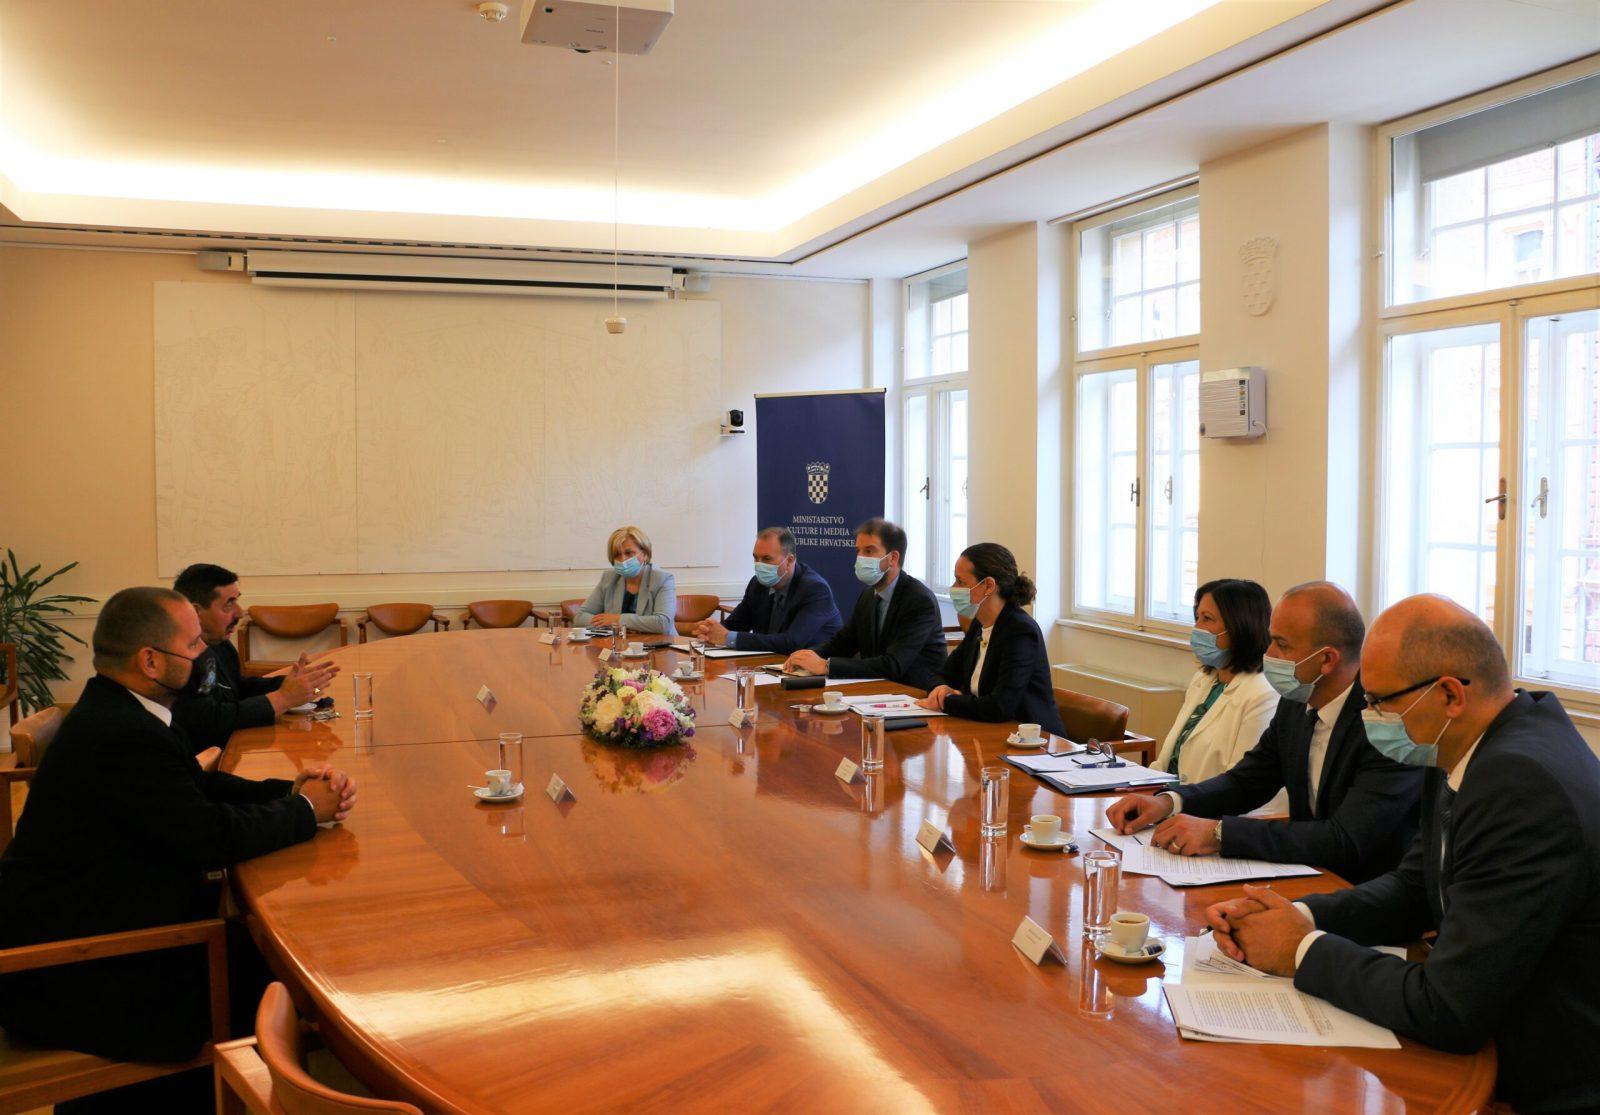 Potvrđeni kvalitetni odnosi s Vladom Republike Hrvatske i uspješna suradnja na područjima od zajedničkog interesa